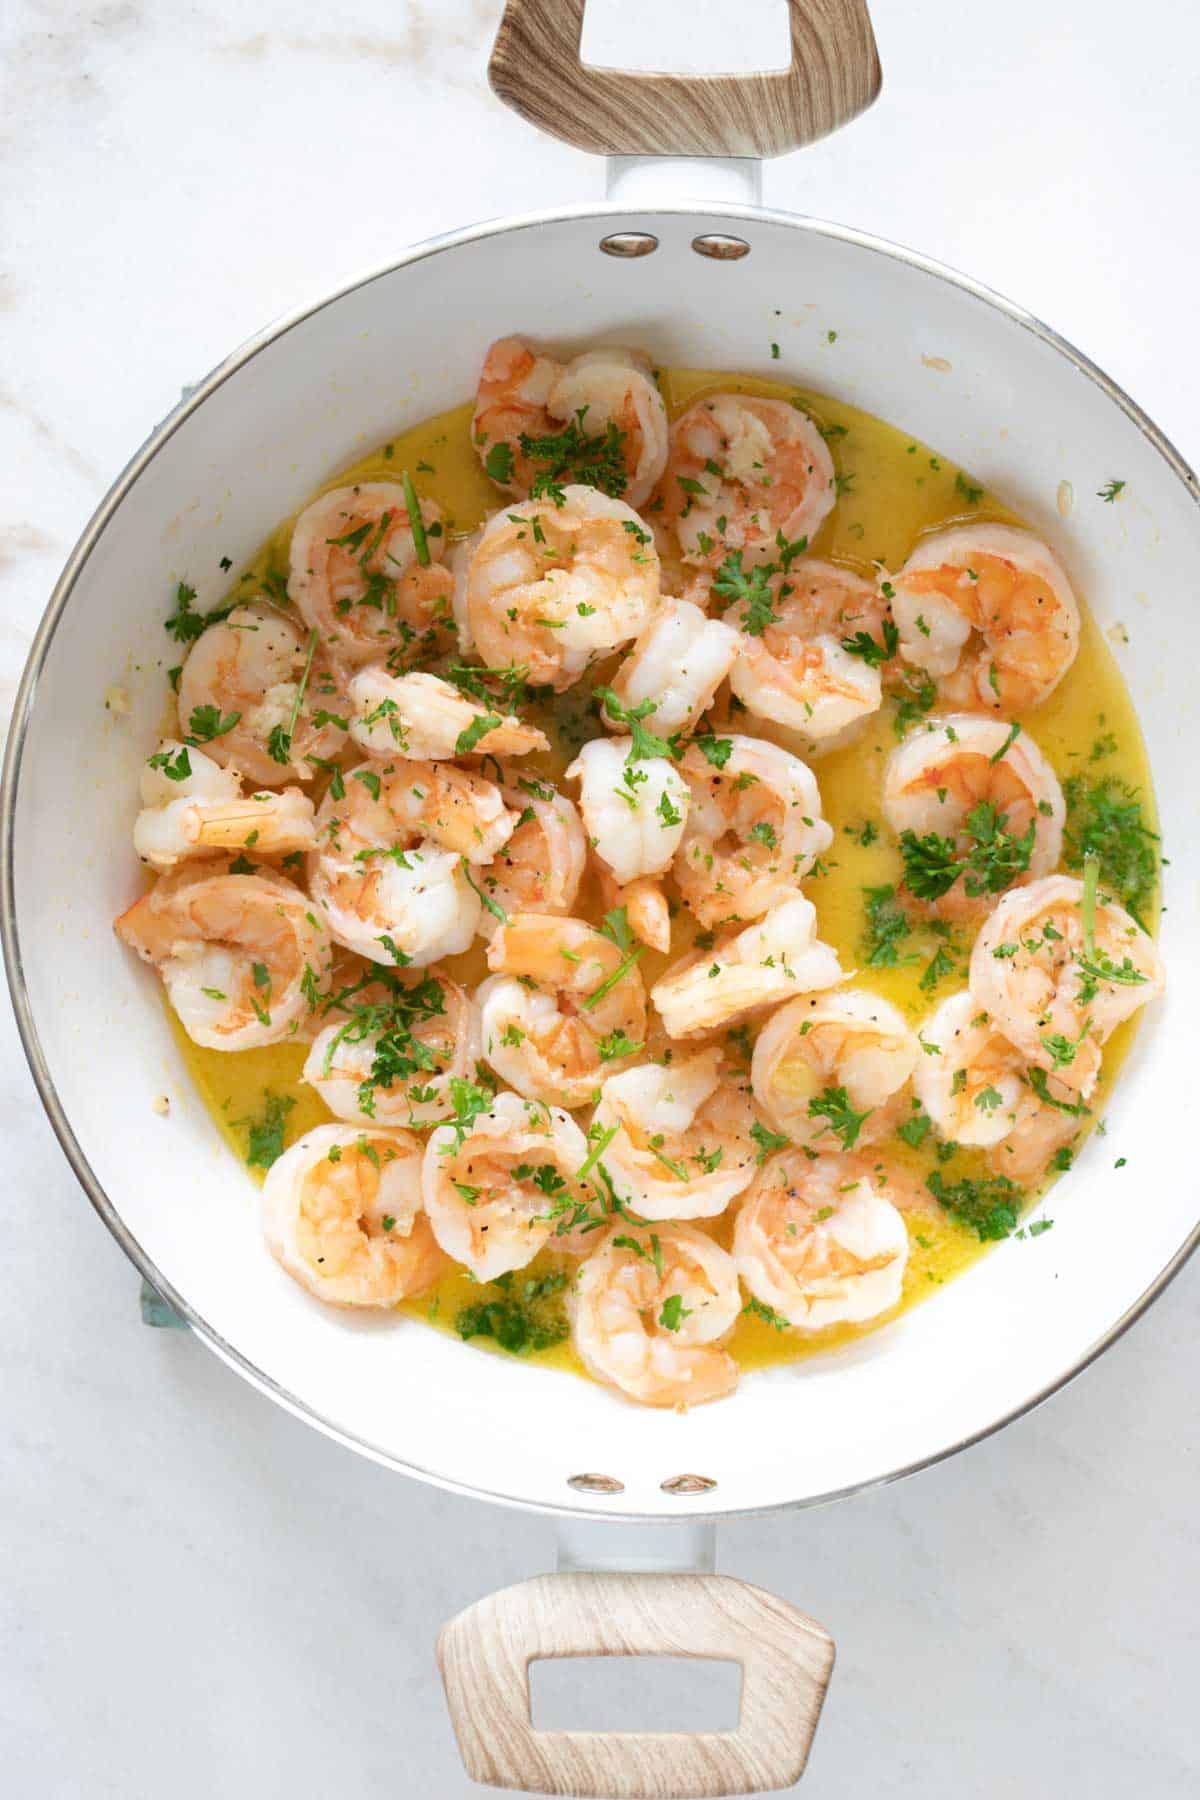 sautéed garlic butter shrimp in a nonstick pot